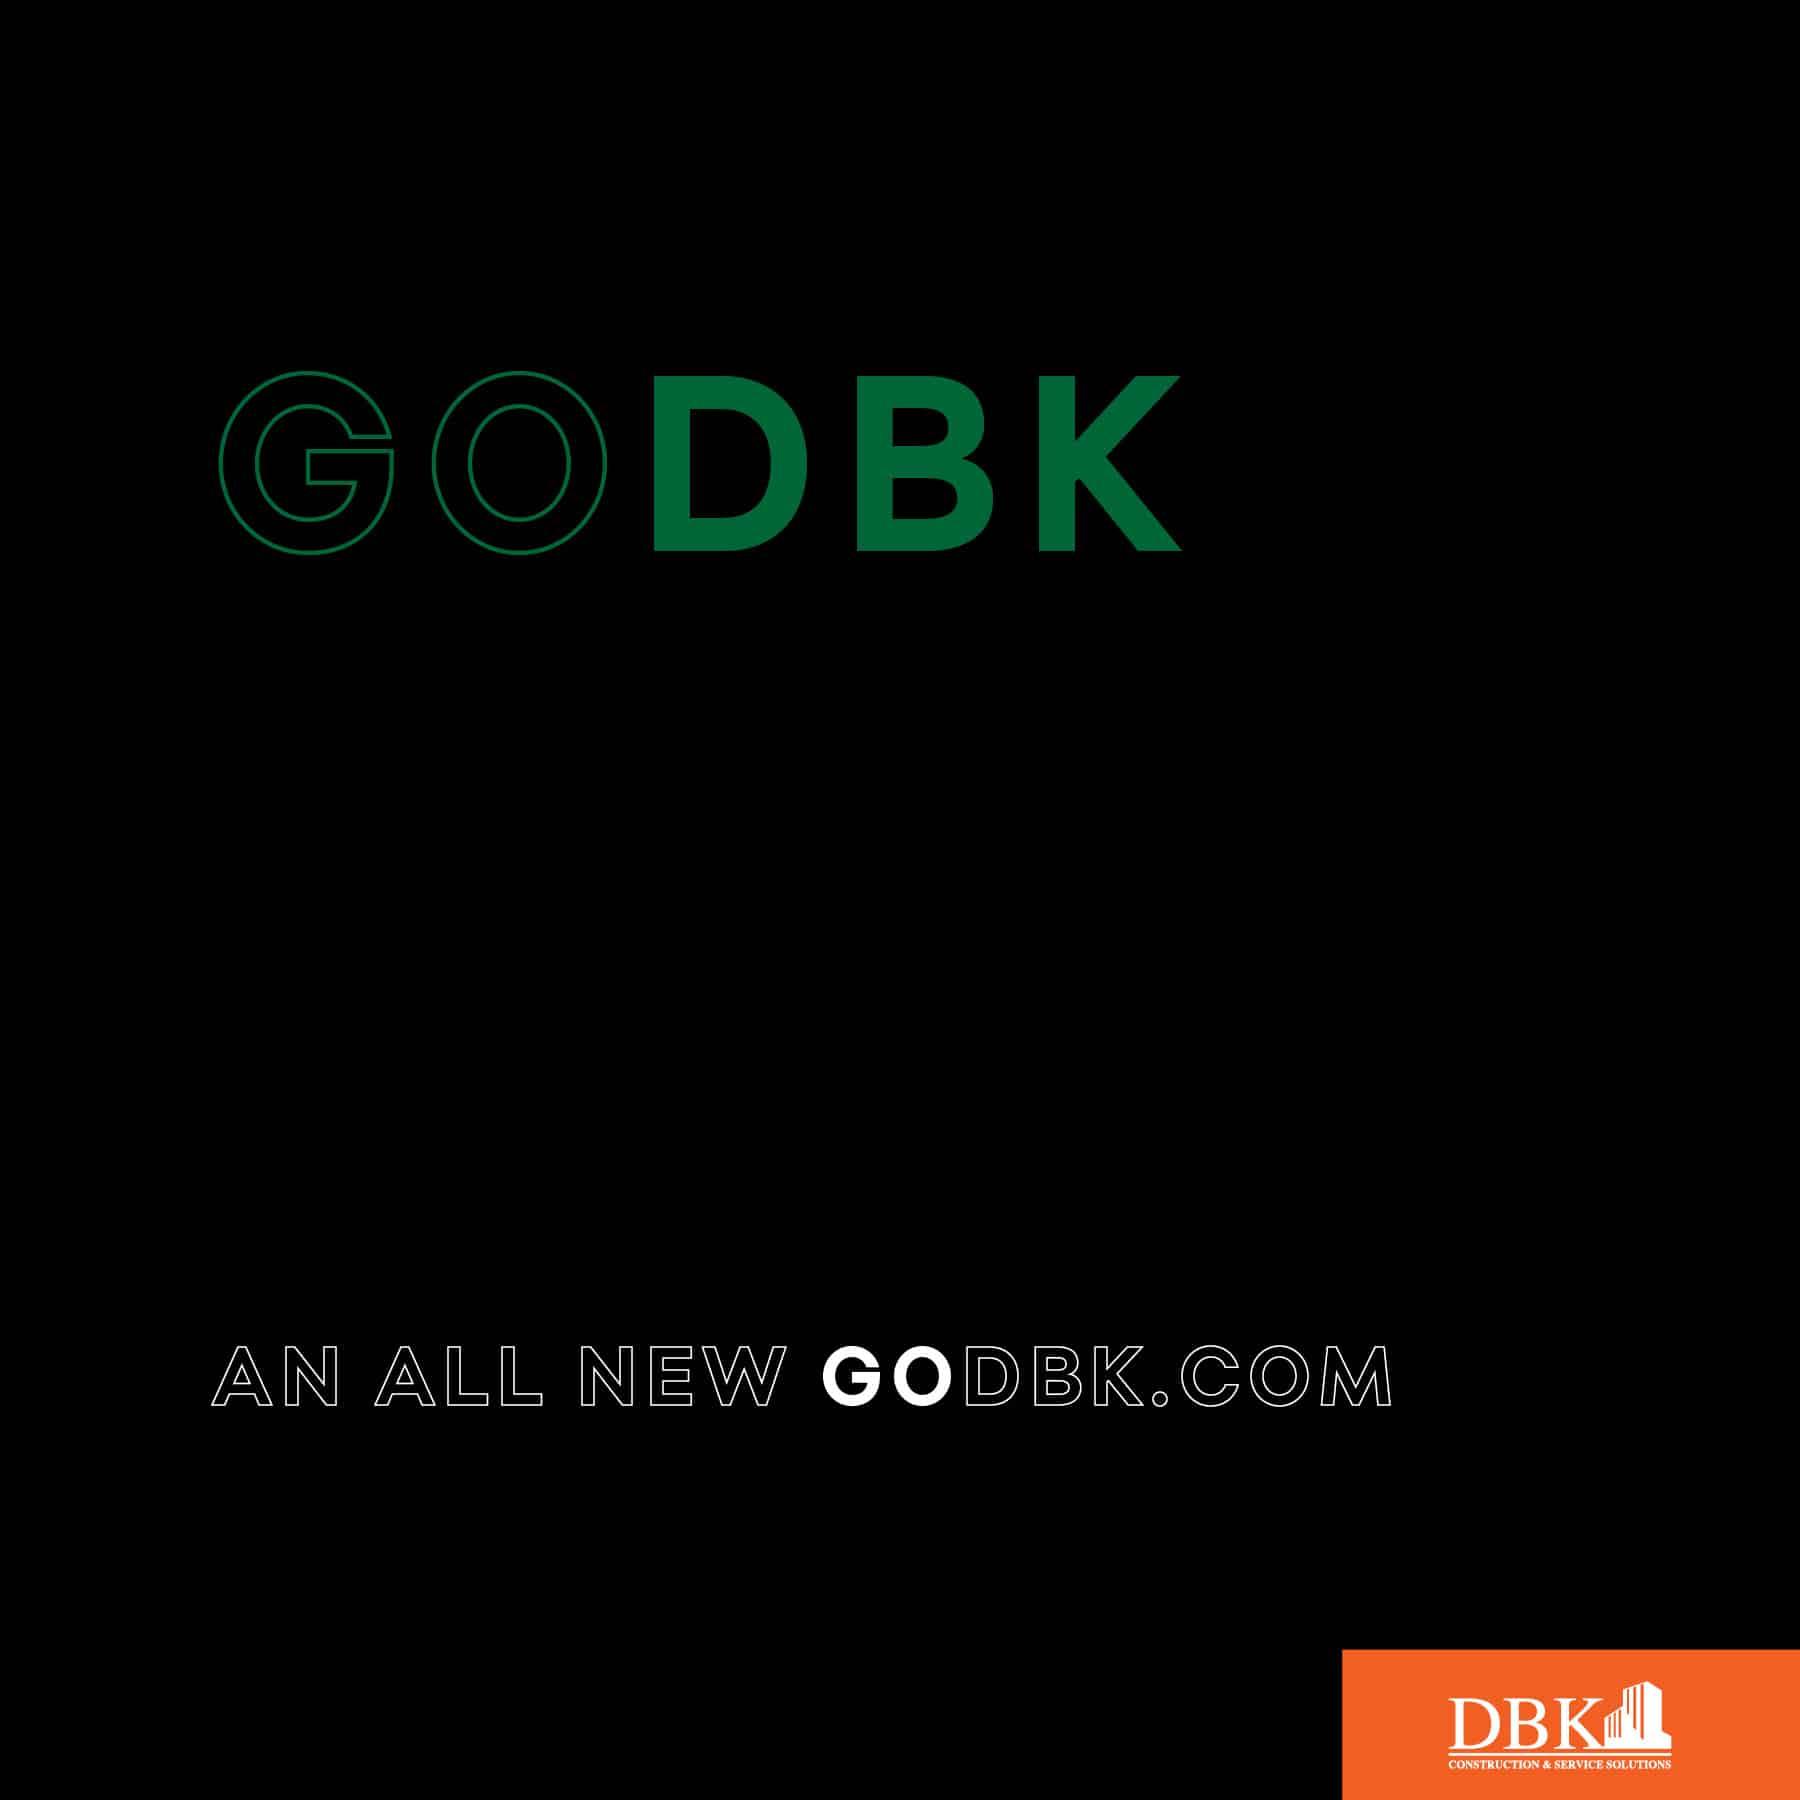 Go DBK Web Teaser